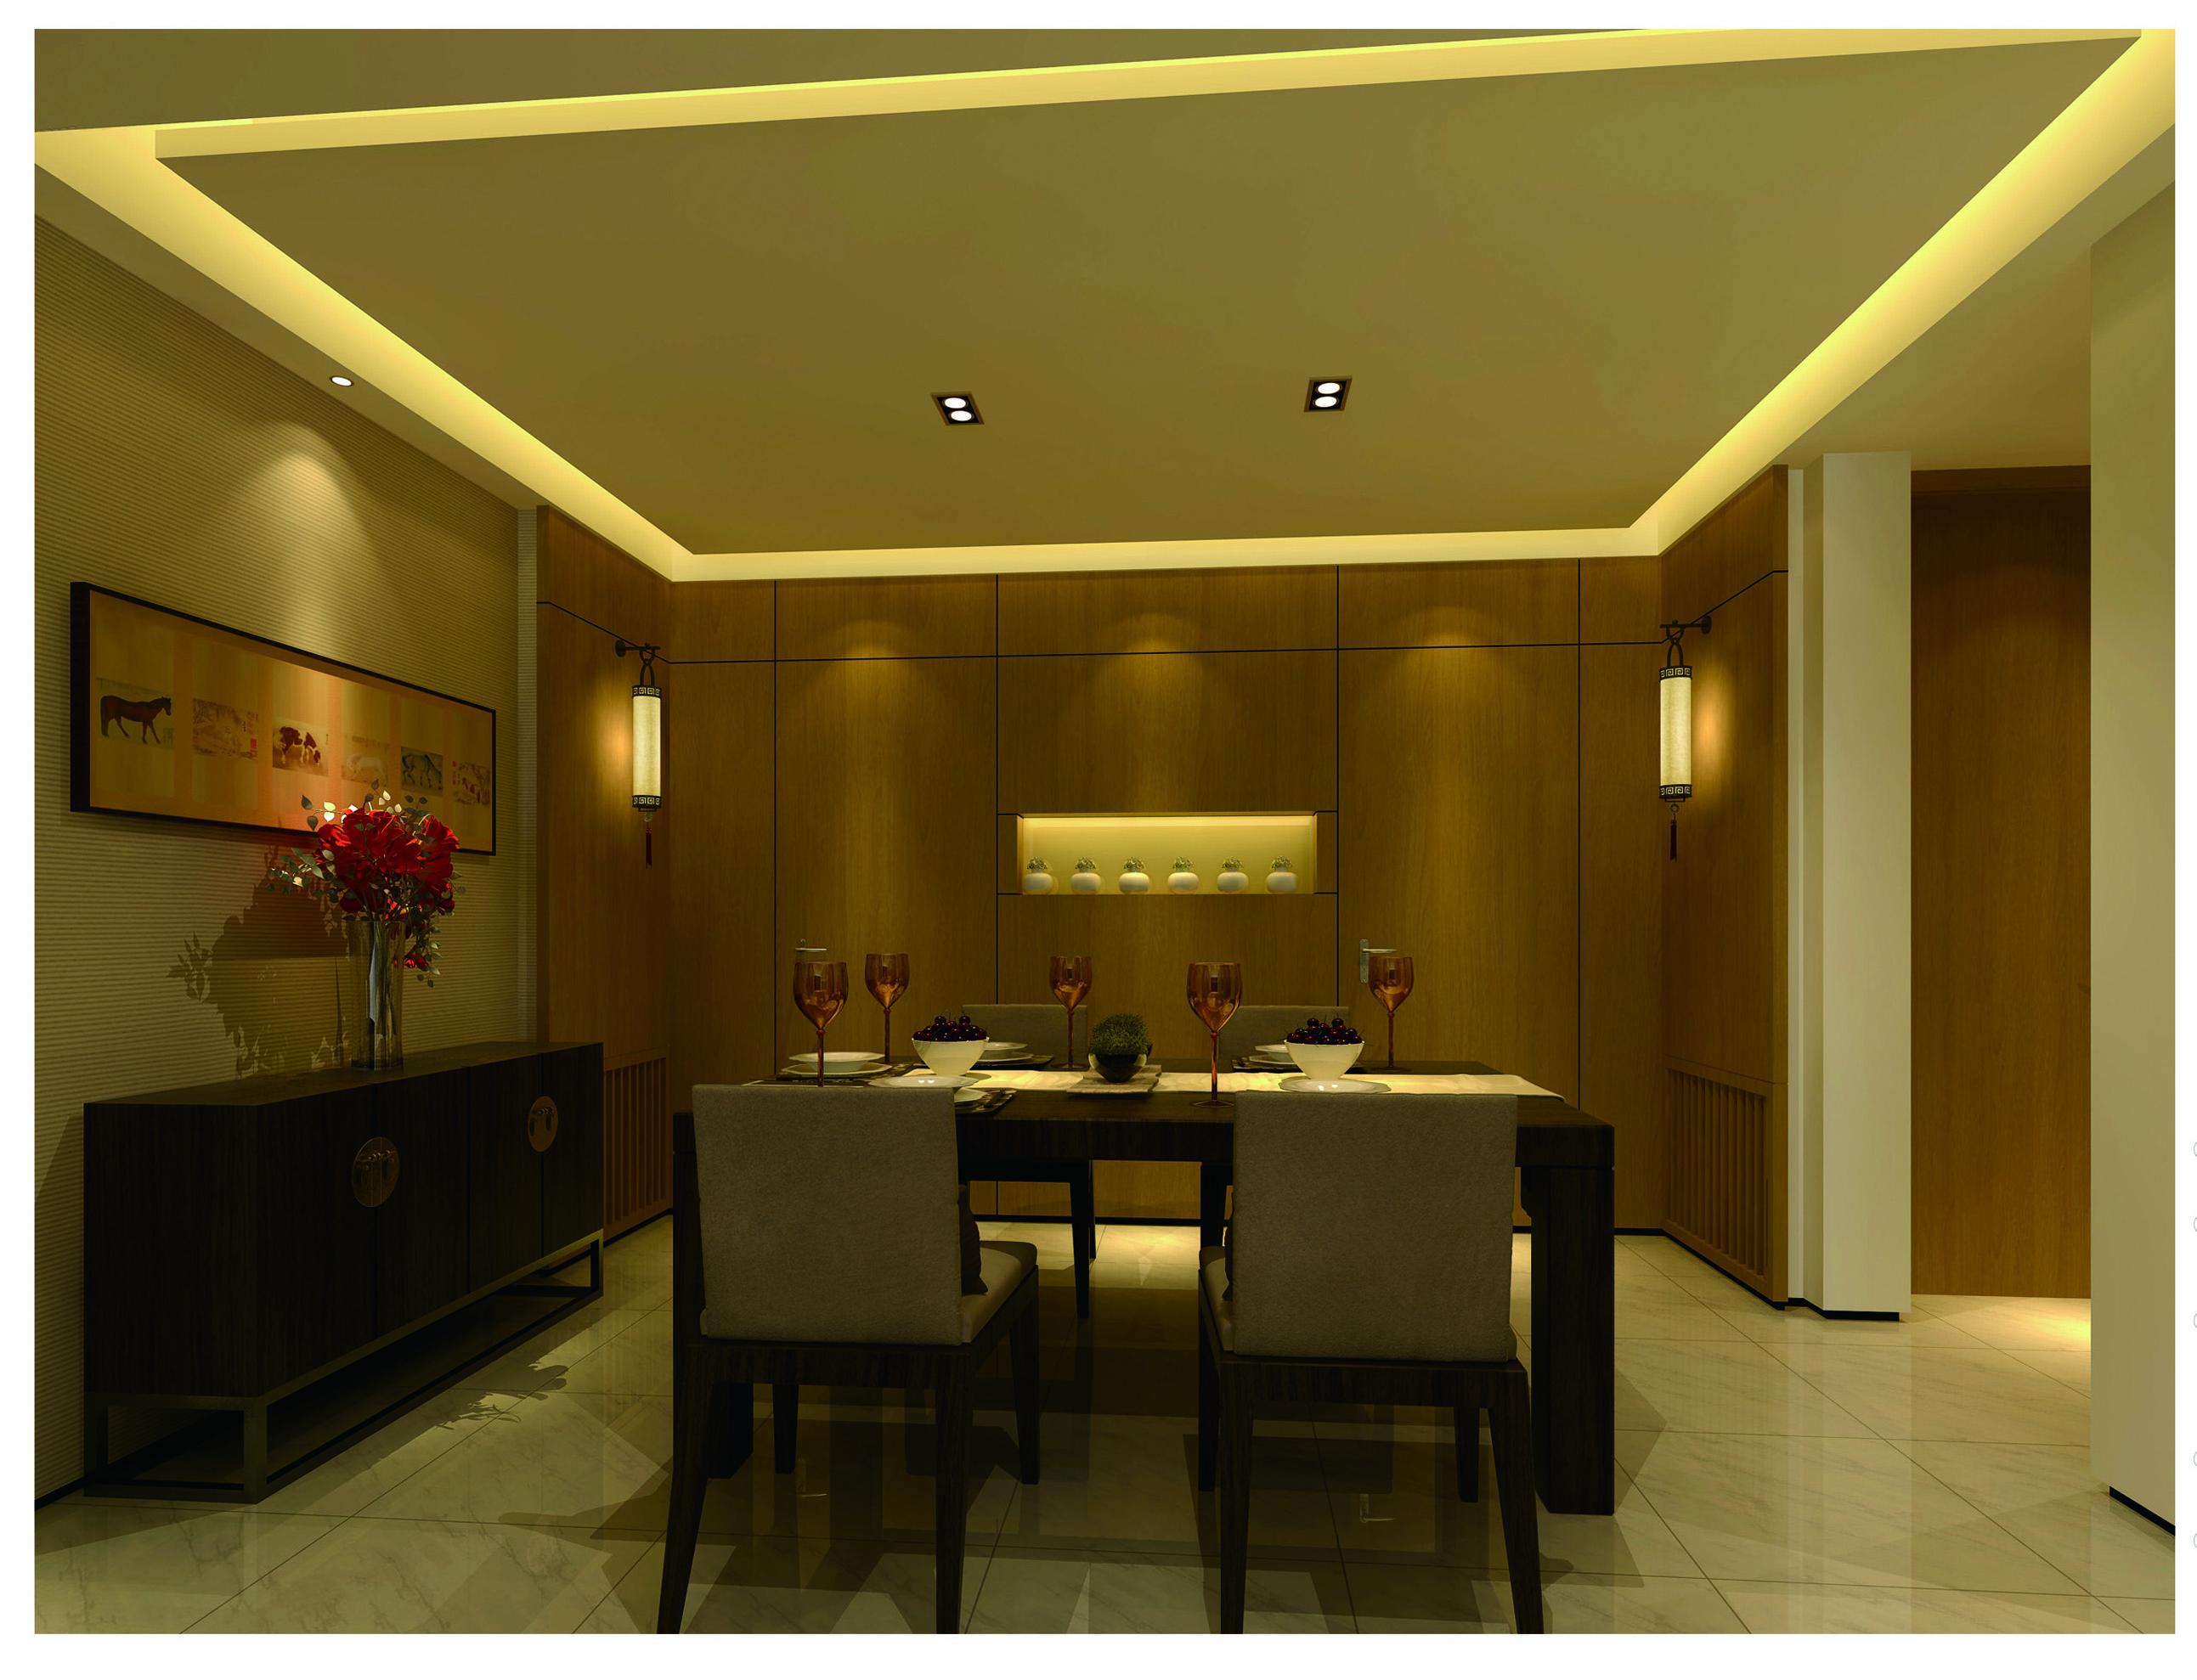 简约 三居 白领 现代简约 80后 客厅 餐厅 卧室 餐厅图片来自超凡装饰季国华在简约时尚风格样板间的分享